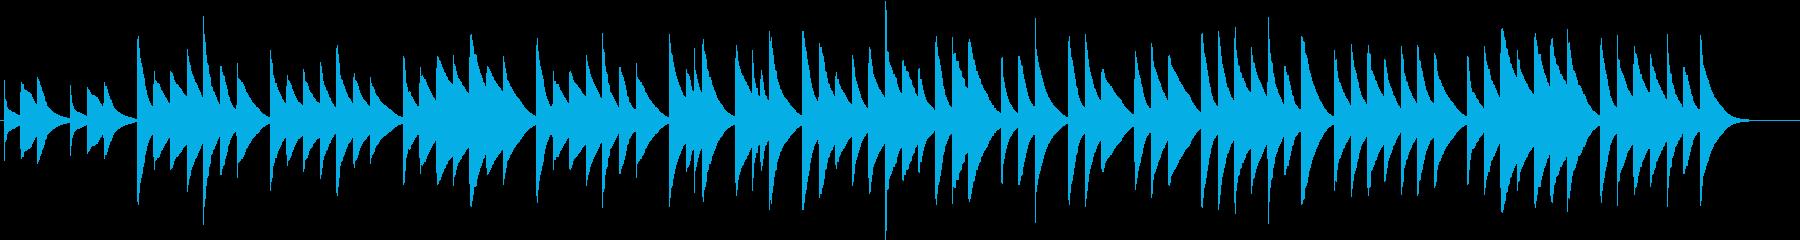 チェレスタの音色で作ったゆったりとした曲の再生済みの波形